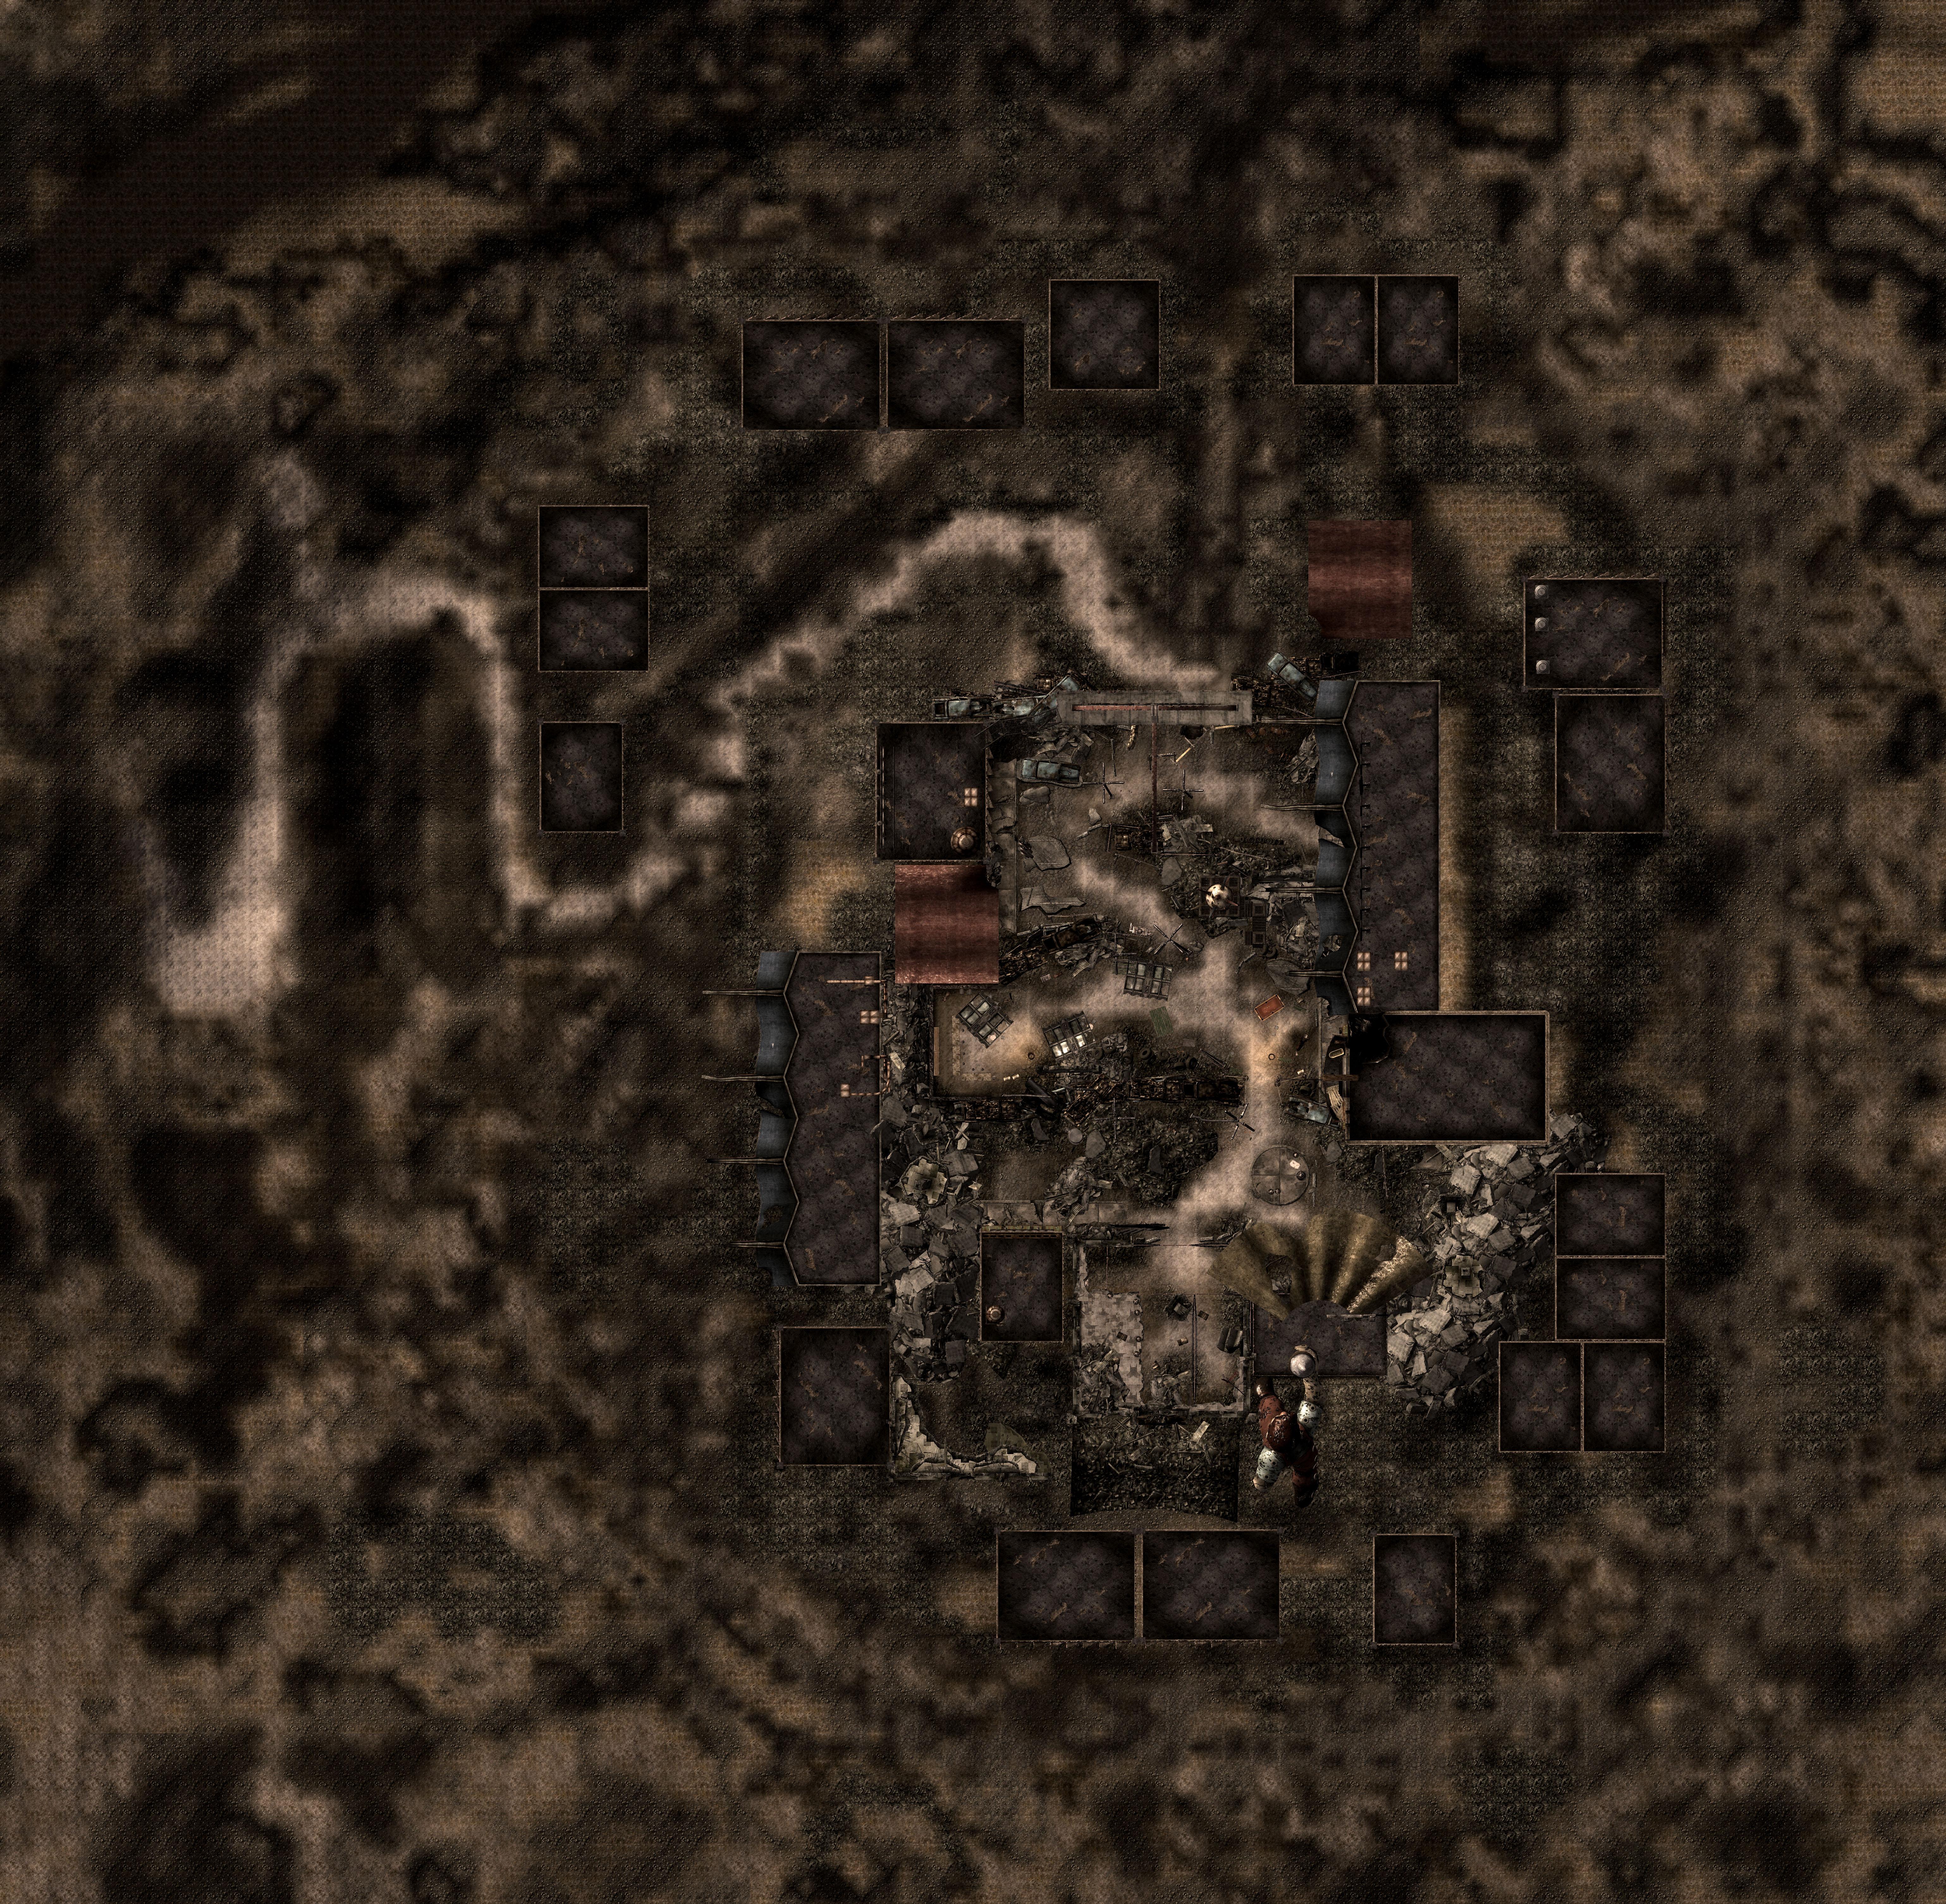 Paradise Falls map